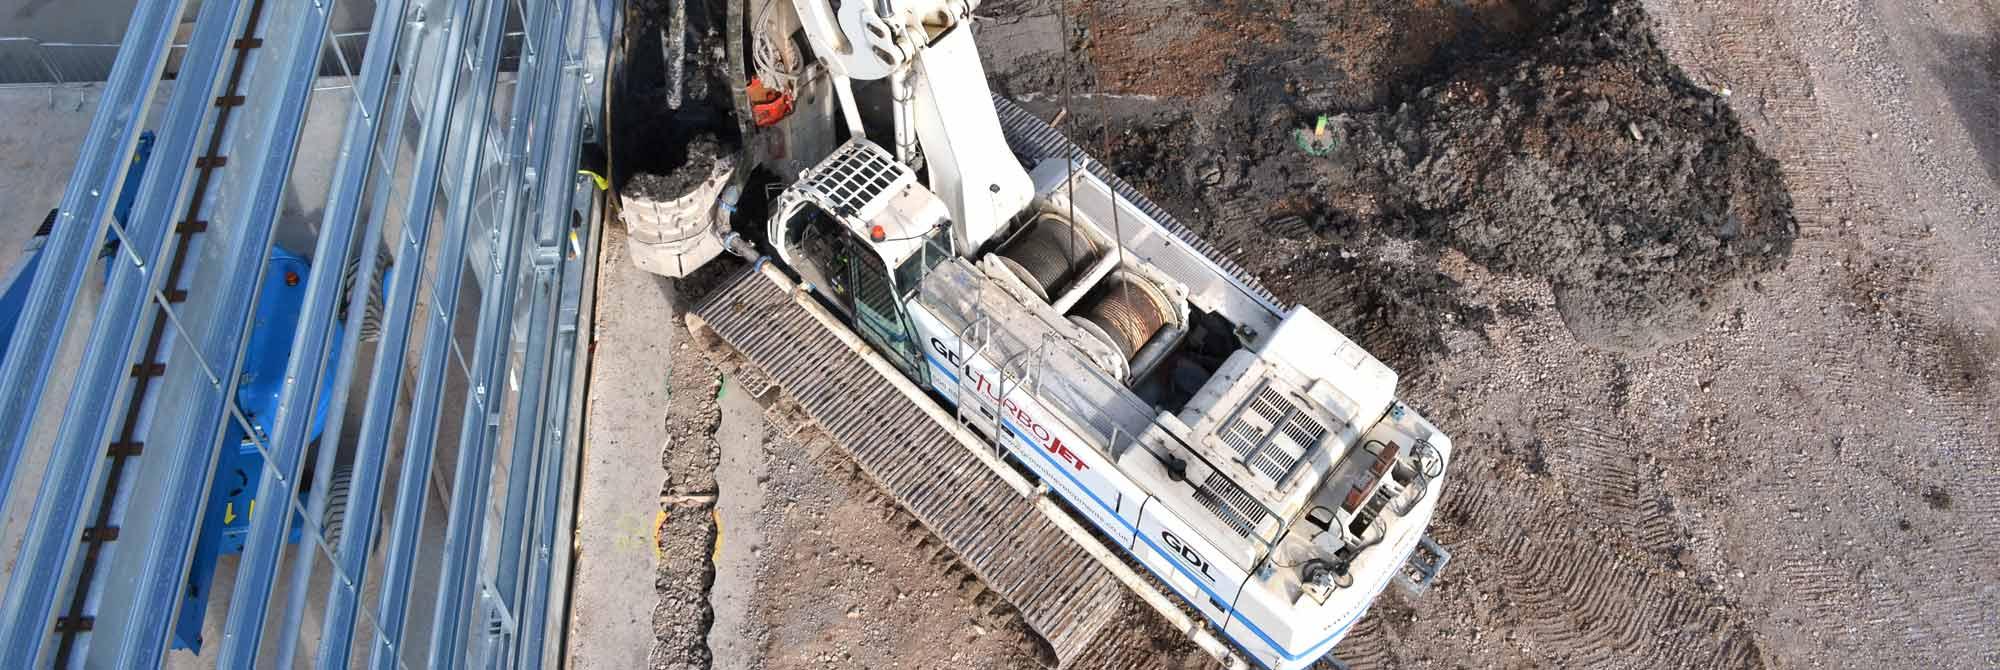 Piling foundation techniques